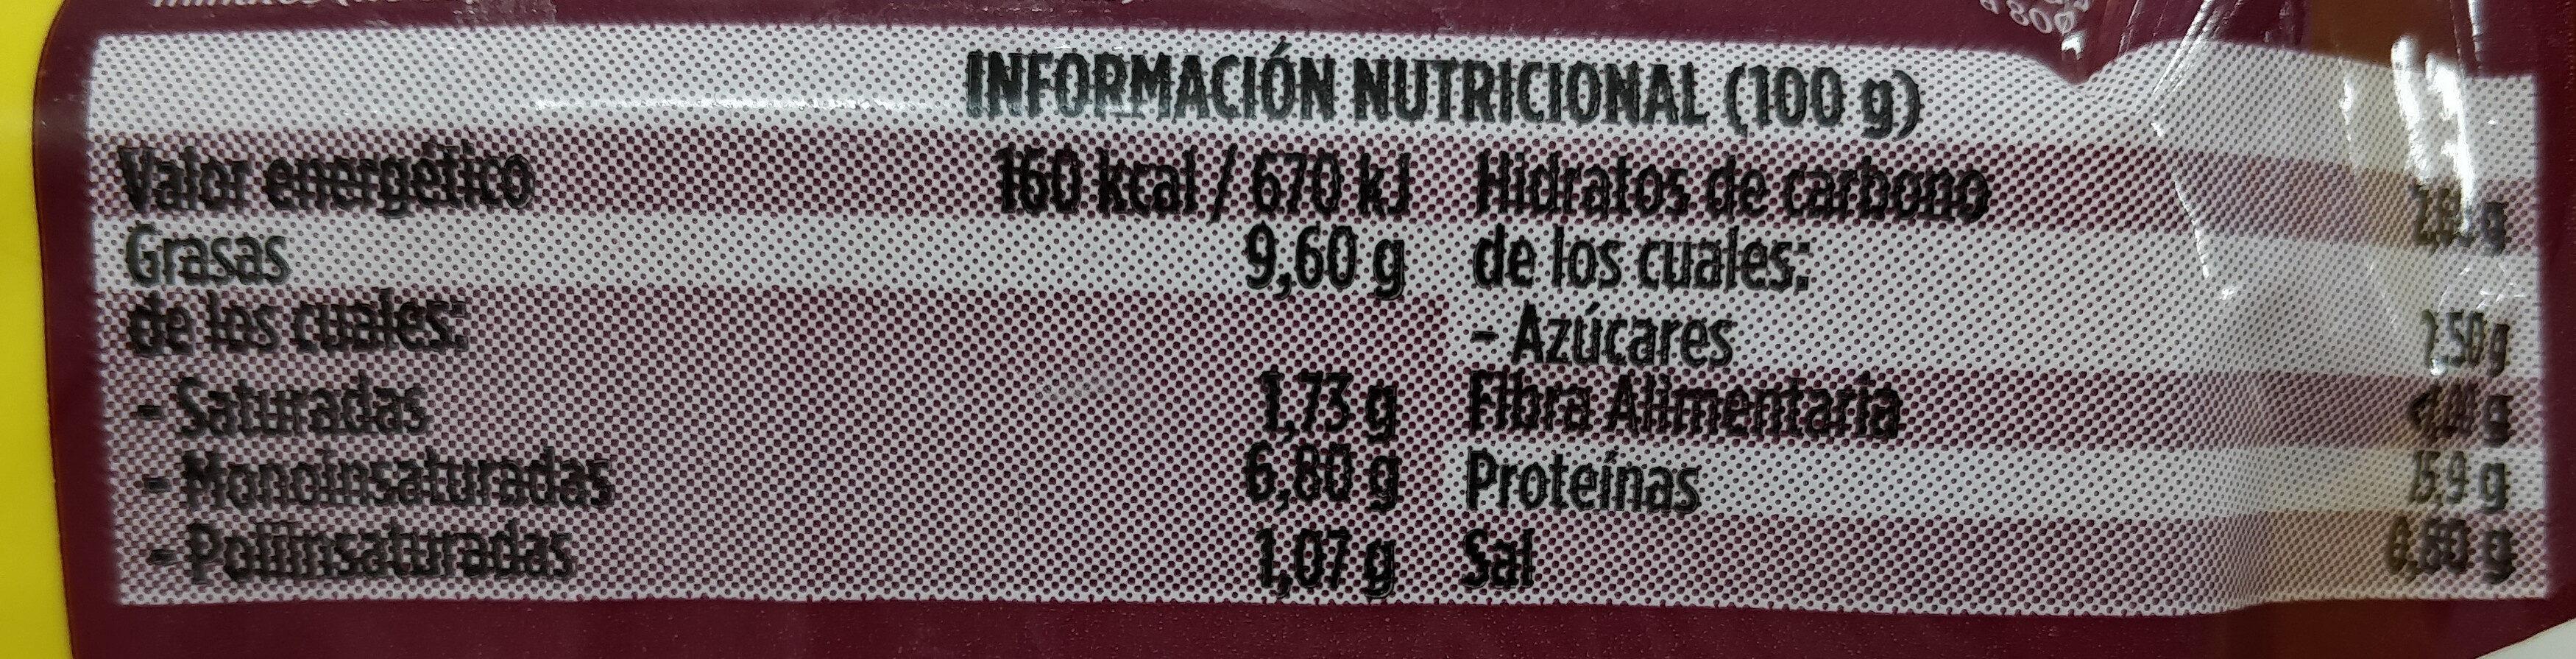 Pollo mechado - Informations nutritionnelles - es